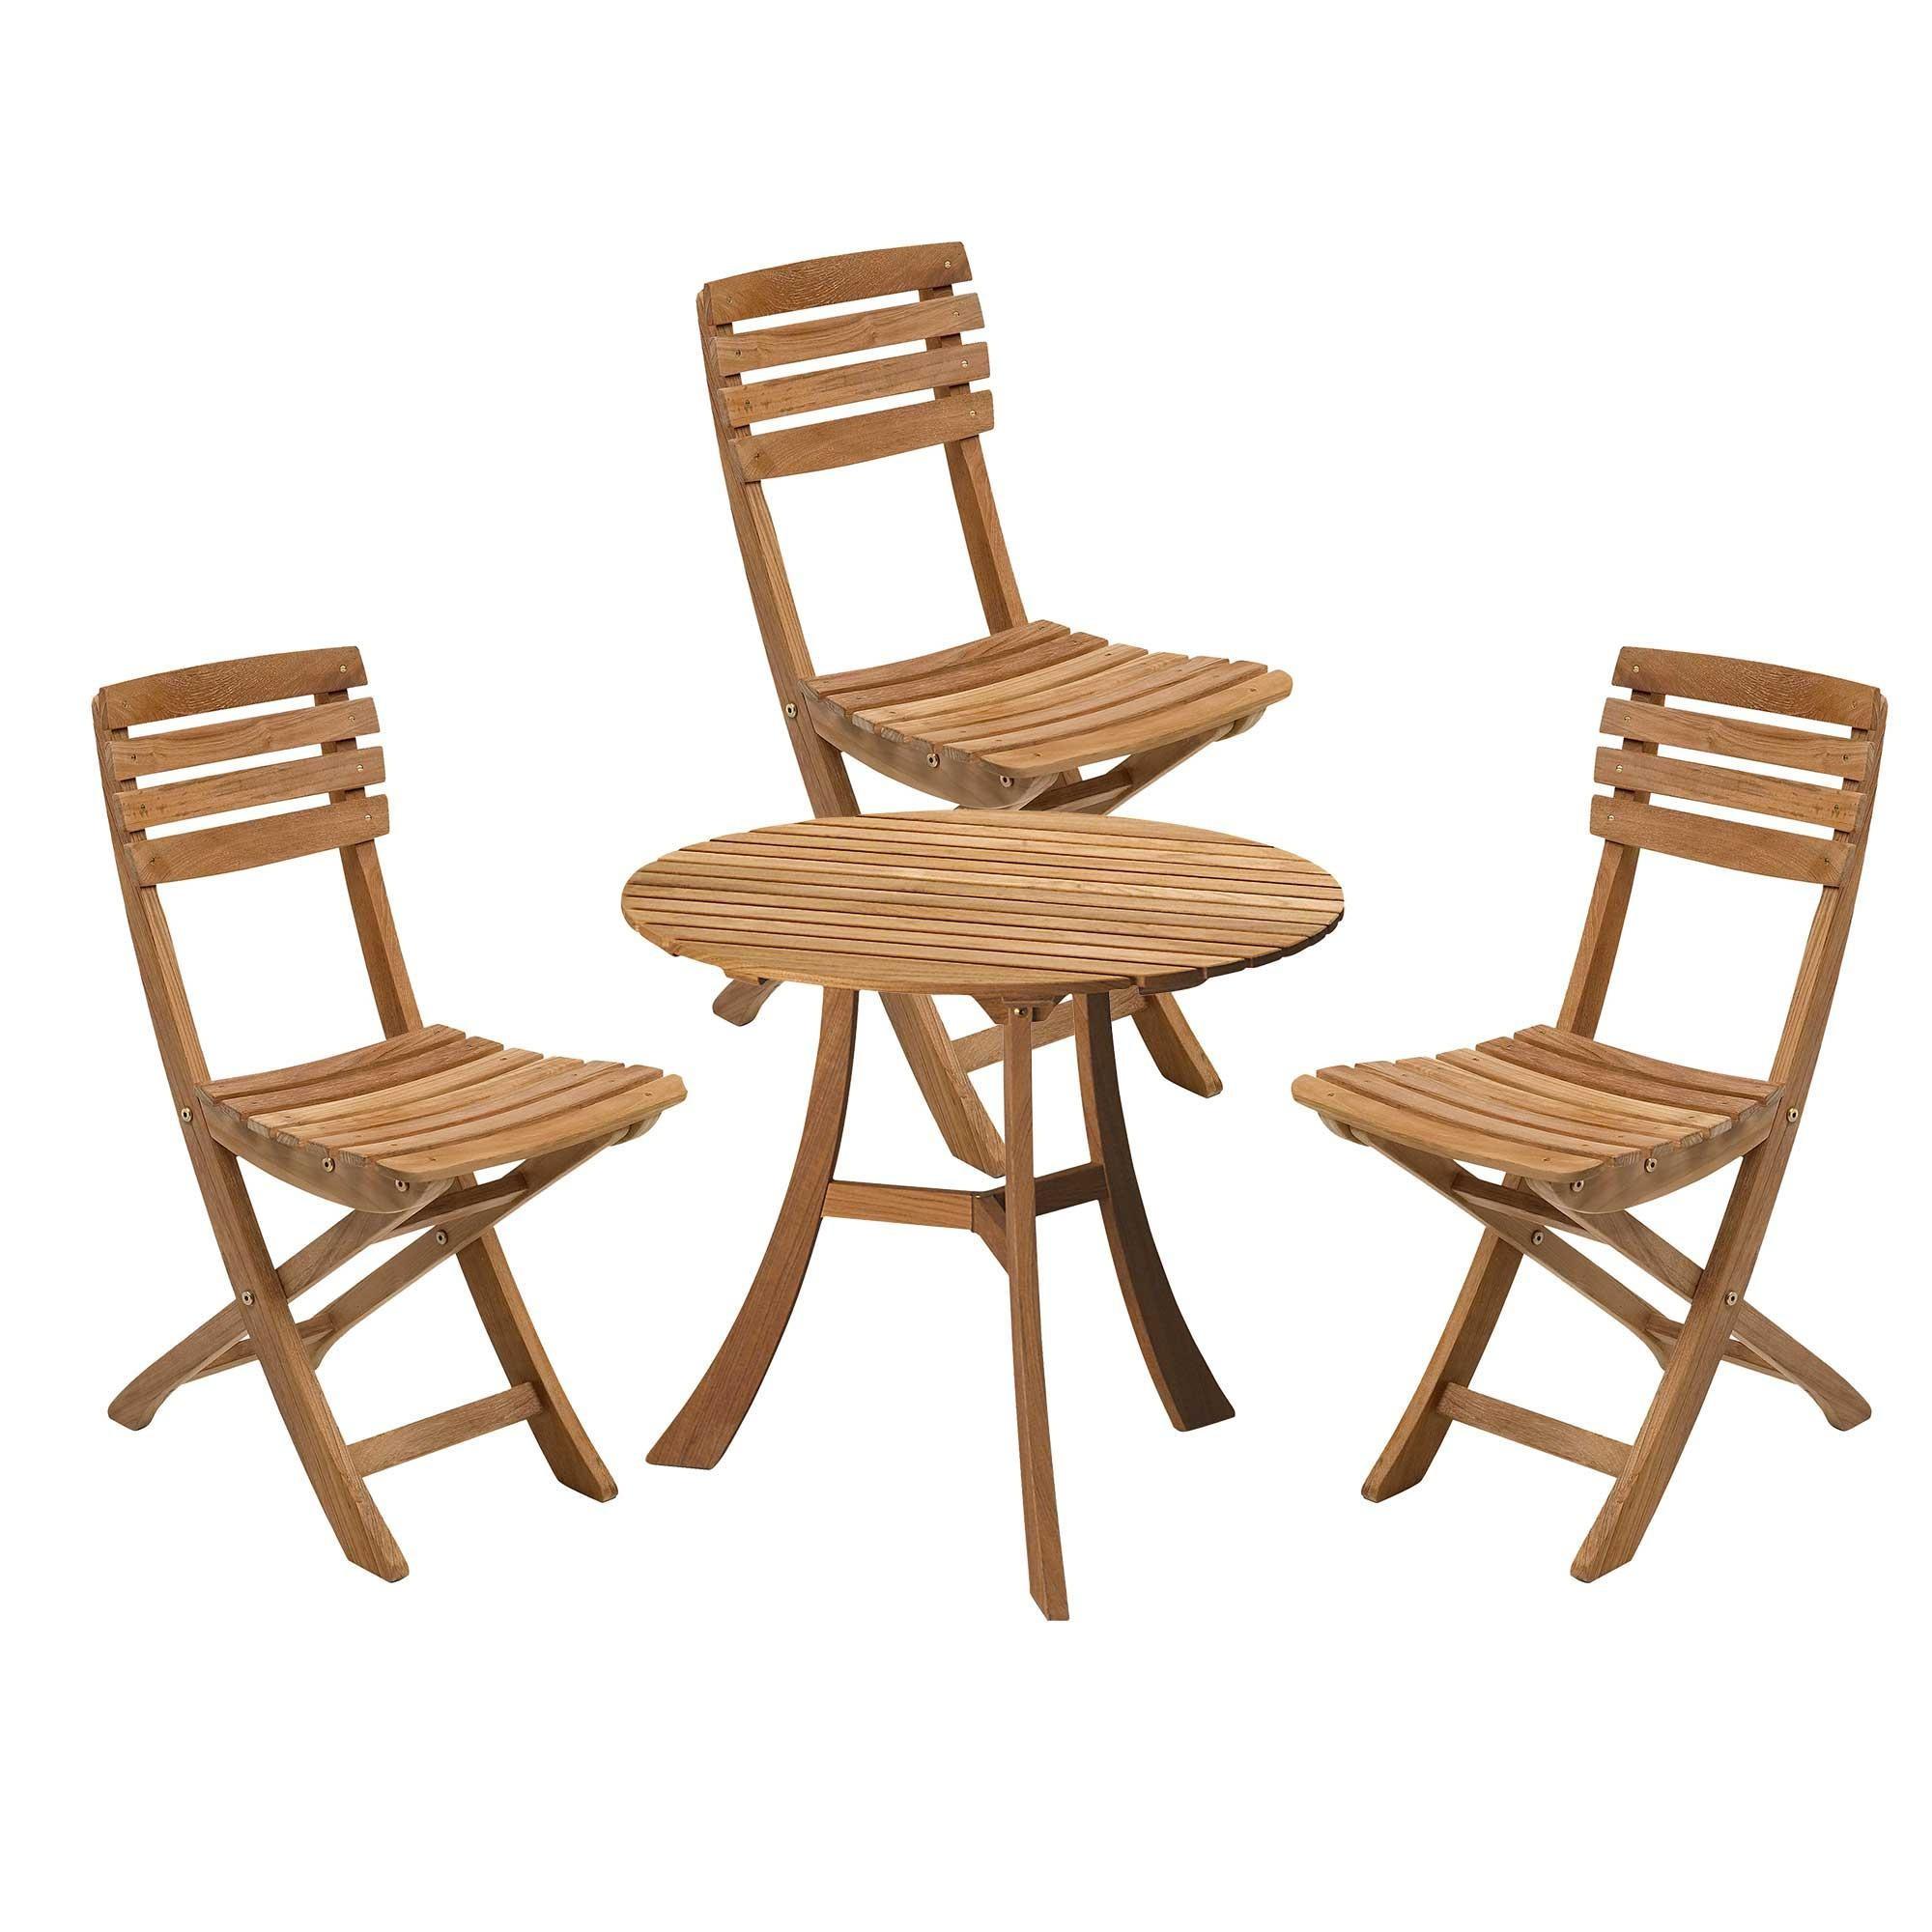 Set 3 De Table Jardin Avec Vendia Chaises vm0wyN8nO